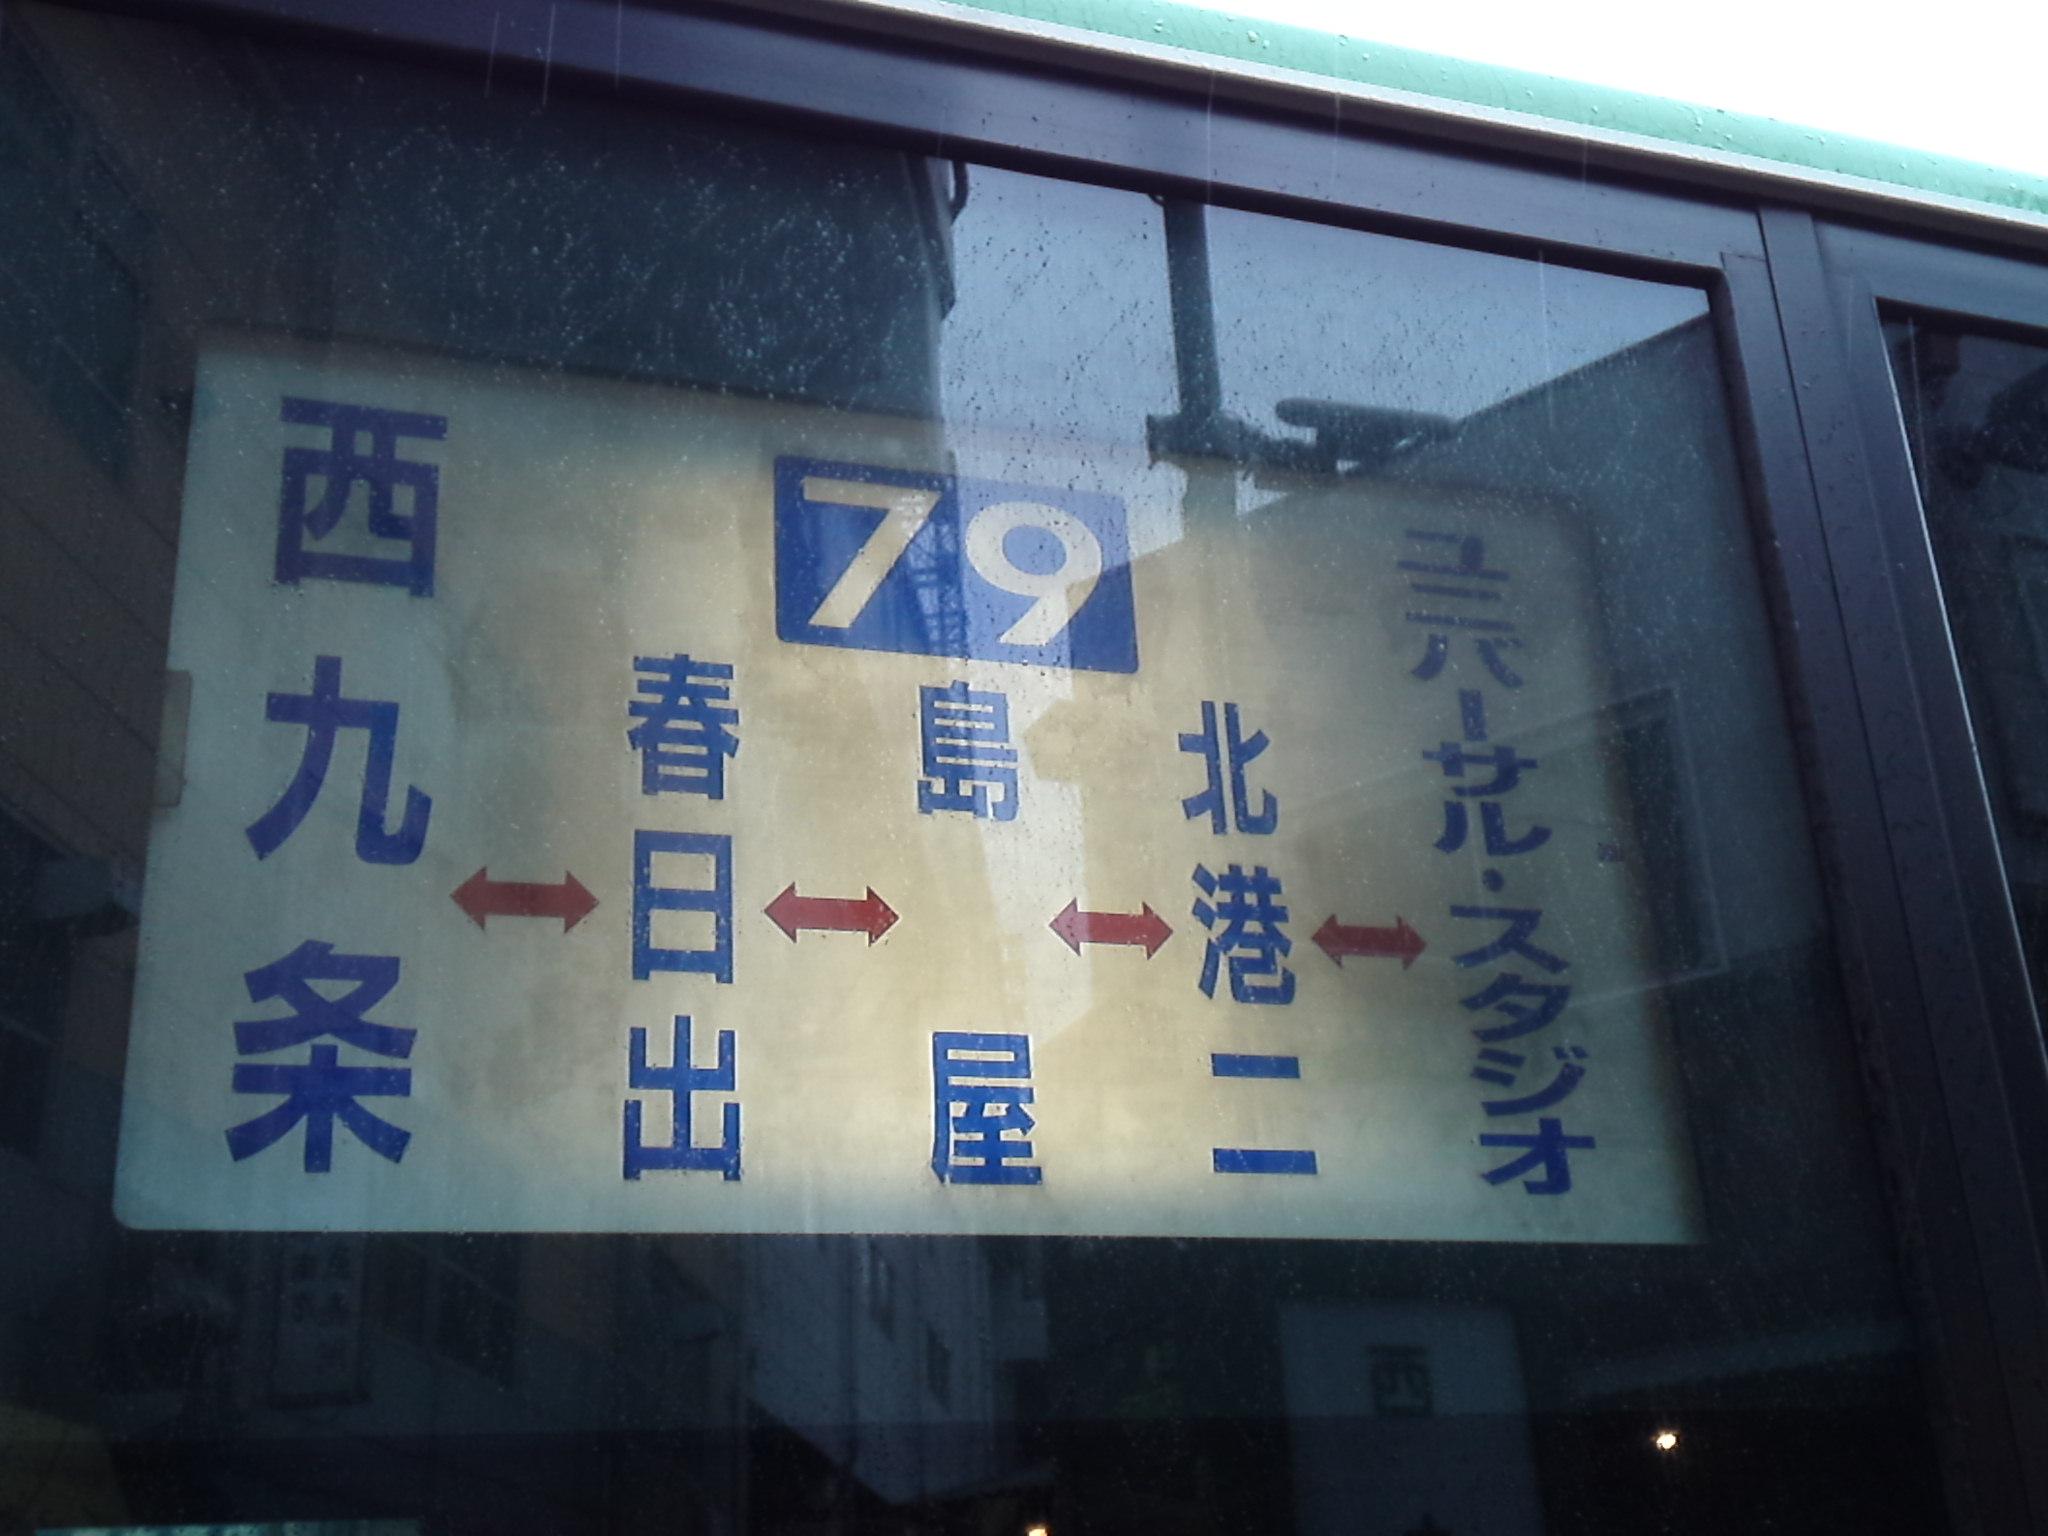 大阪ジャンクションツアー 出発 #jcttour